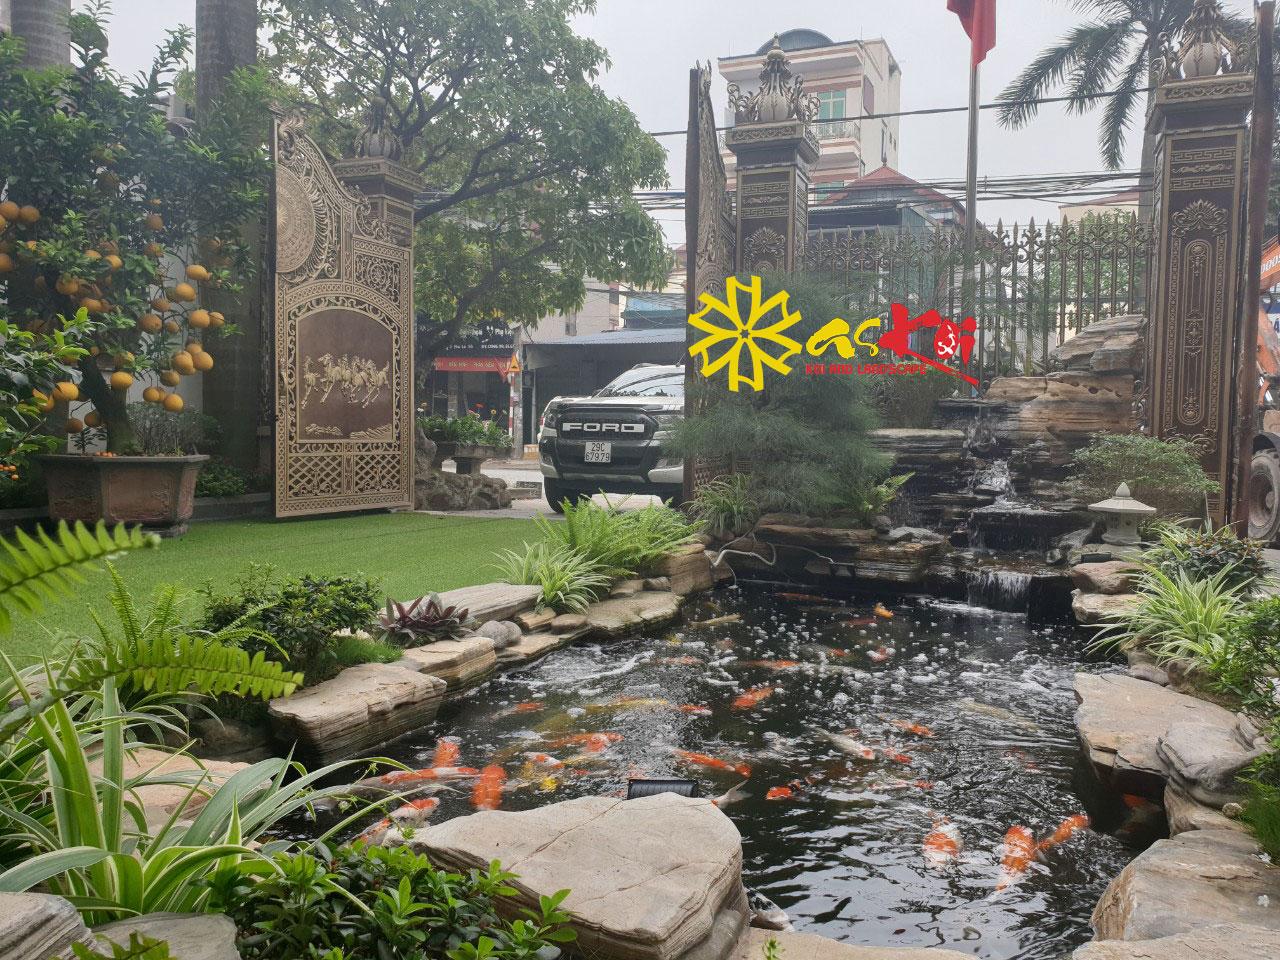 Hồ Koi Ngoài Trời Biệt Thự Đông Anh Hà Nội